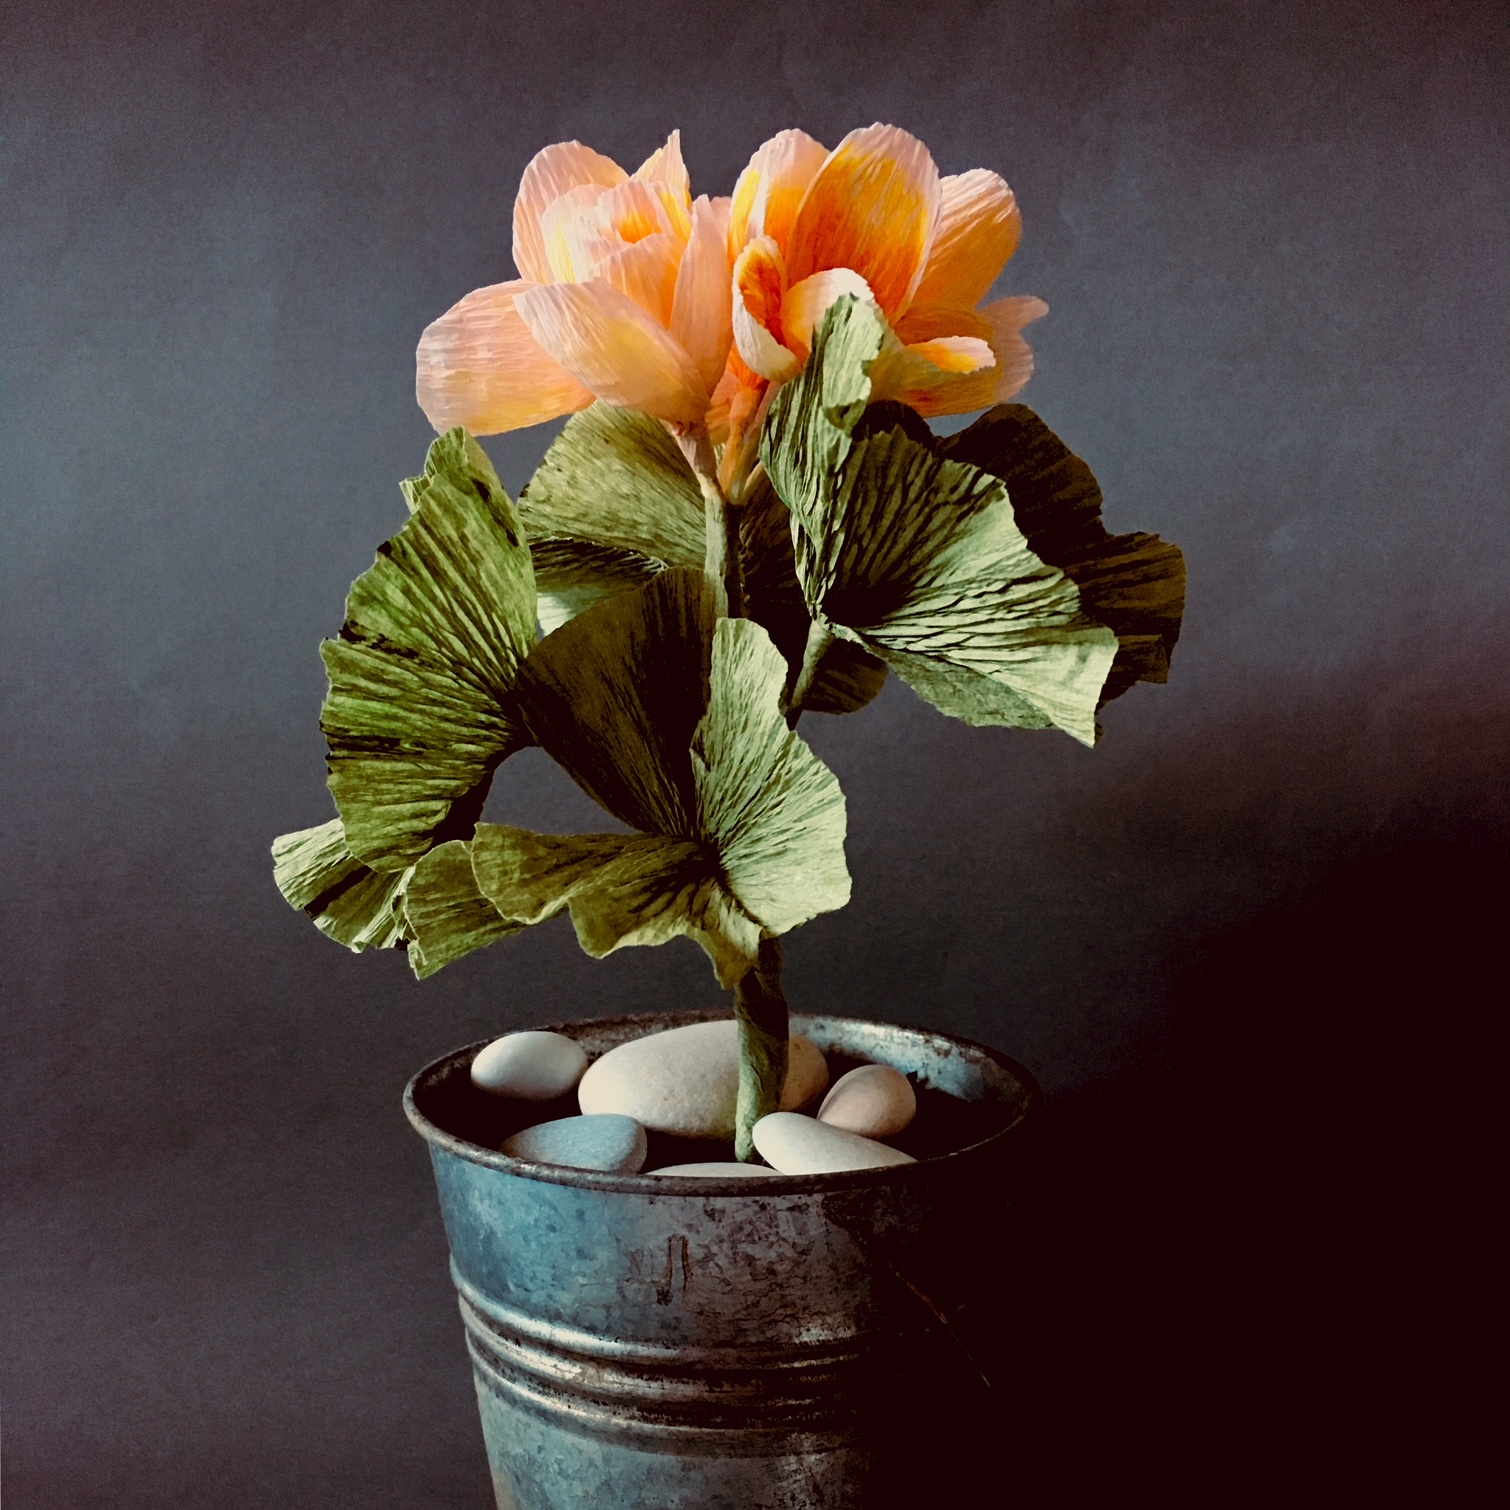 crepe paper orange-yellow Pelargonium